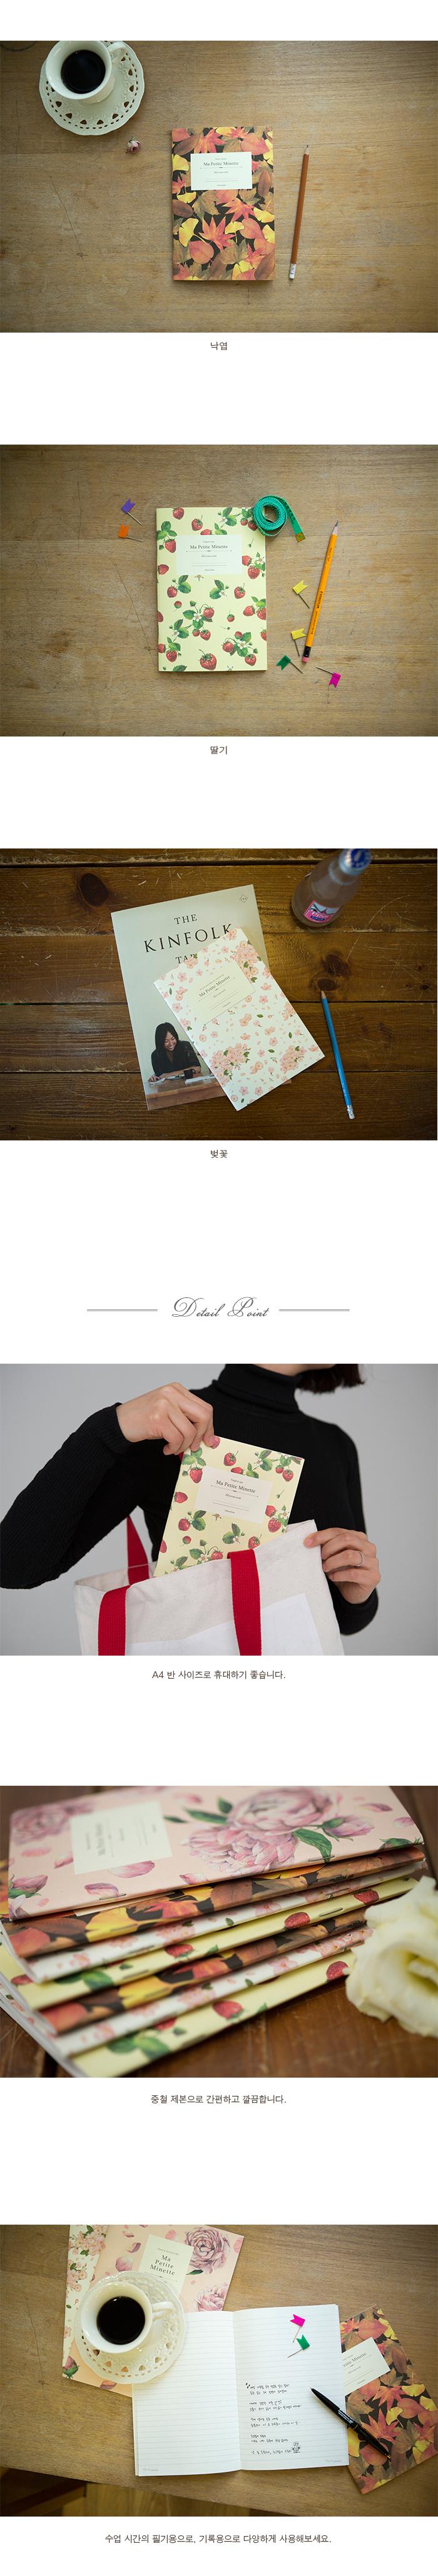 Blossom Note_L ver.2 - 플라잉웨일즈, 2,800원, 베이직노트, 유선노트